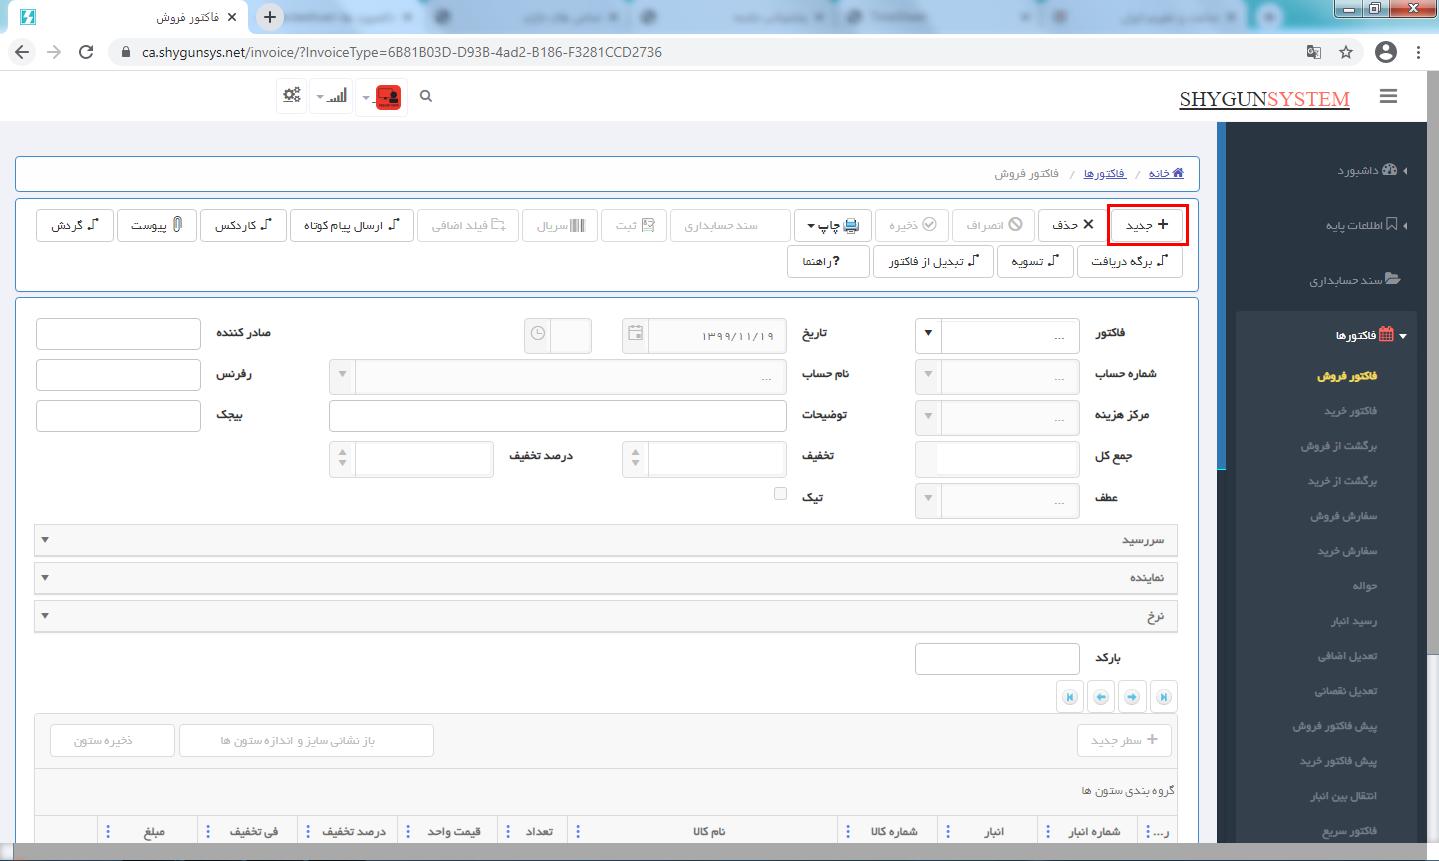 صدور فاکتور فروش جدید در حسابگر تحت وب